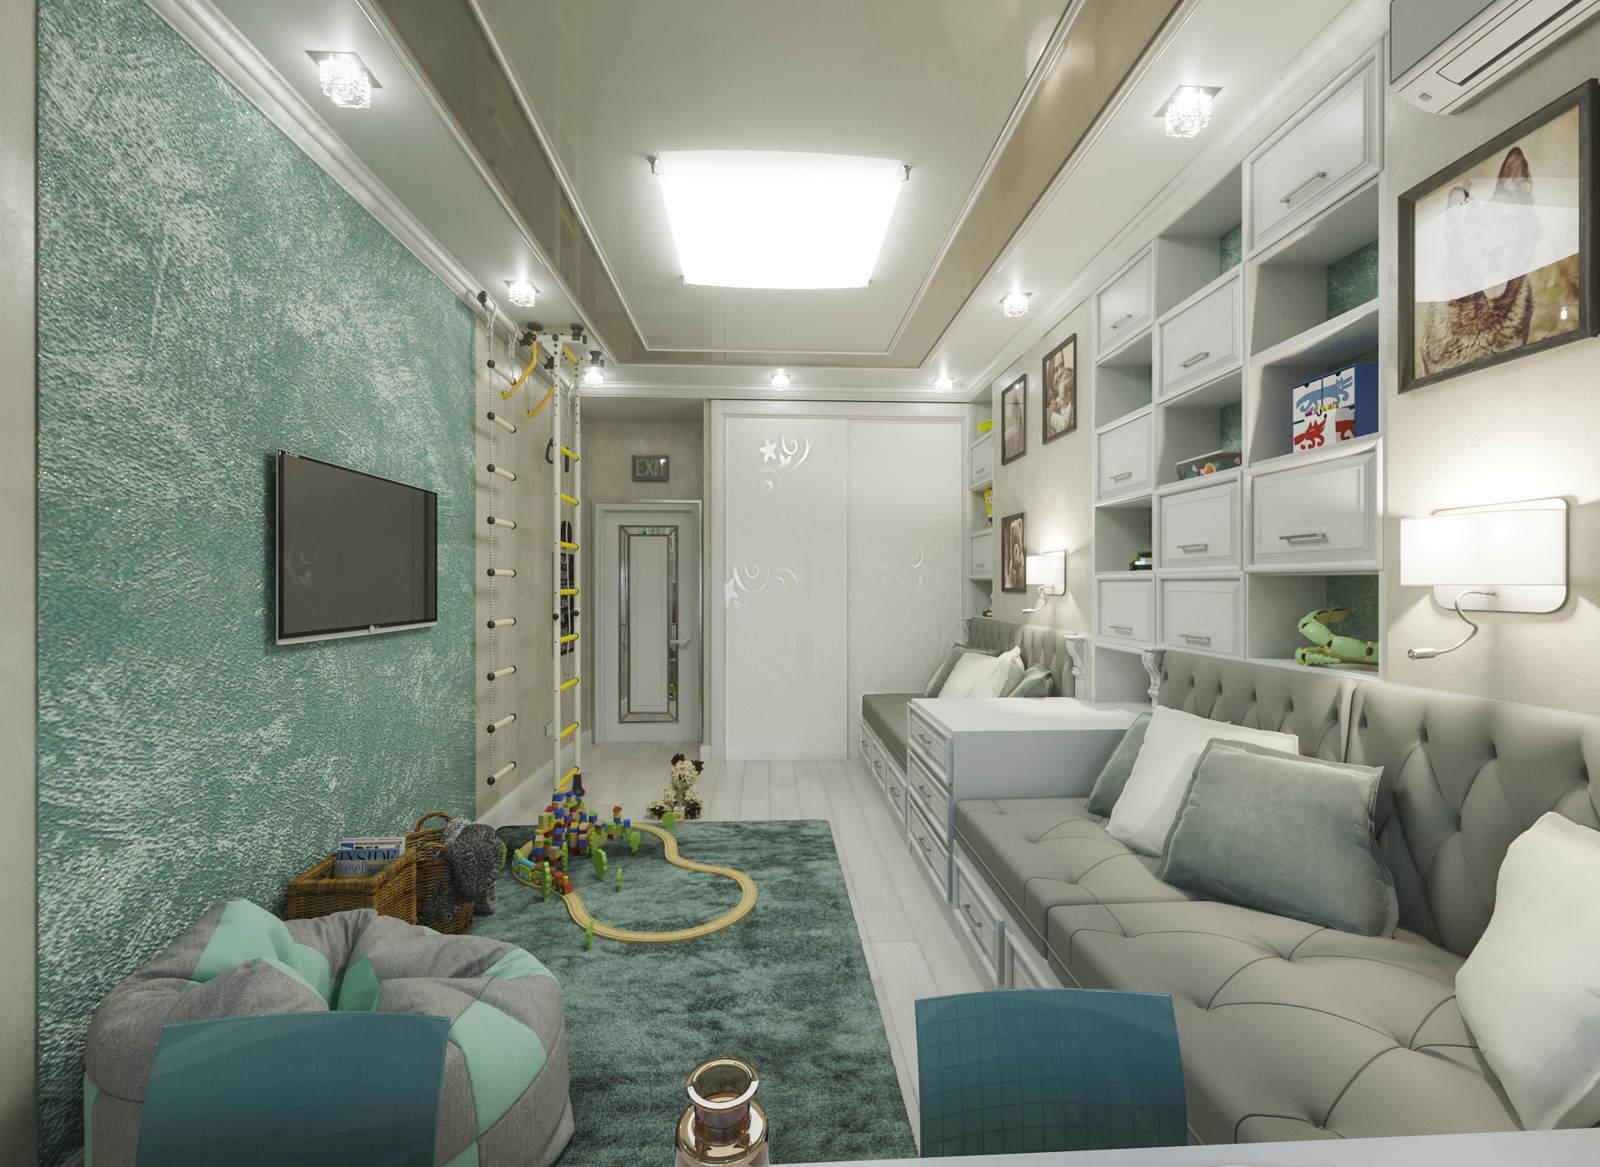 Дизайн детской комнаты Киев для подростка, легкая класика, прованс, декор стен, уголок для спорта